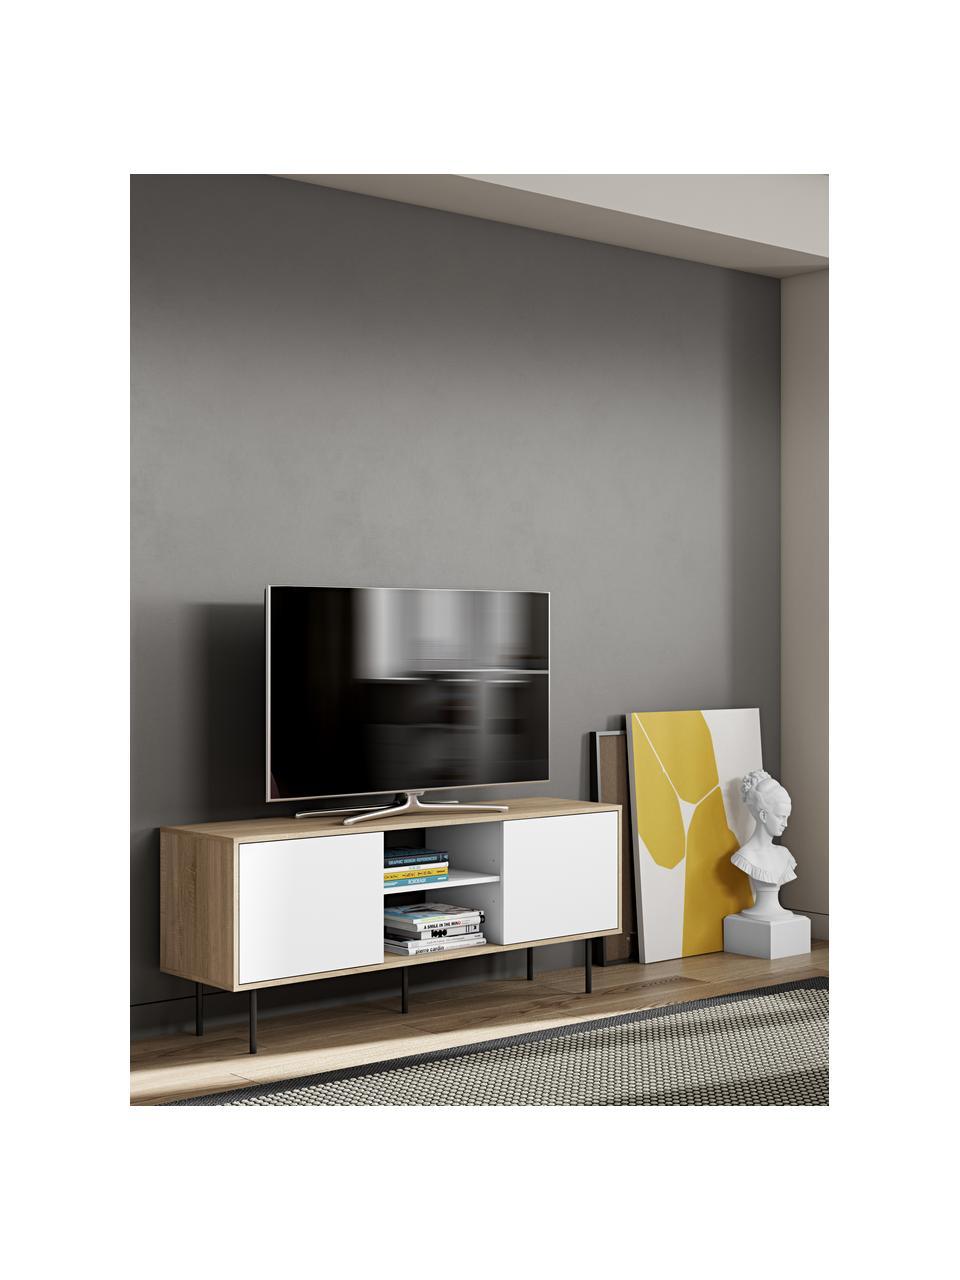 Scandi tv-meubel Altitude, Frame: met melamine beklede spaa, Poten: gecoat metaal, Eikenhoutkleurig, wit, zwart, 151 x 40 cm